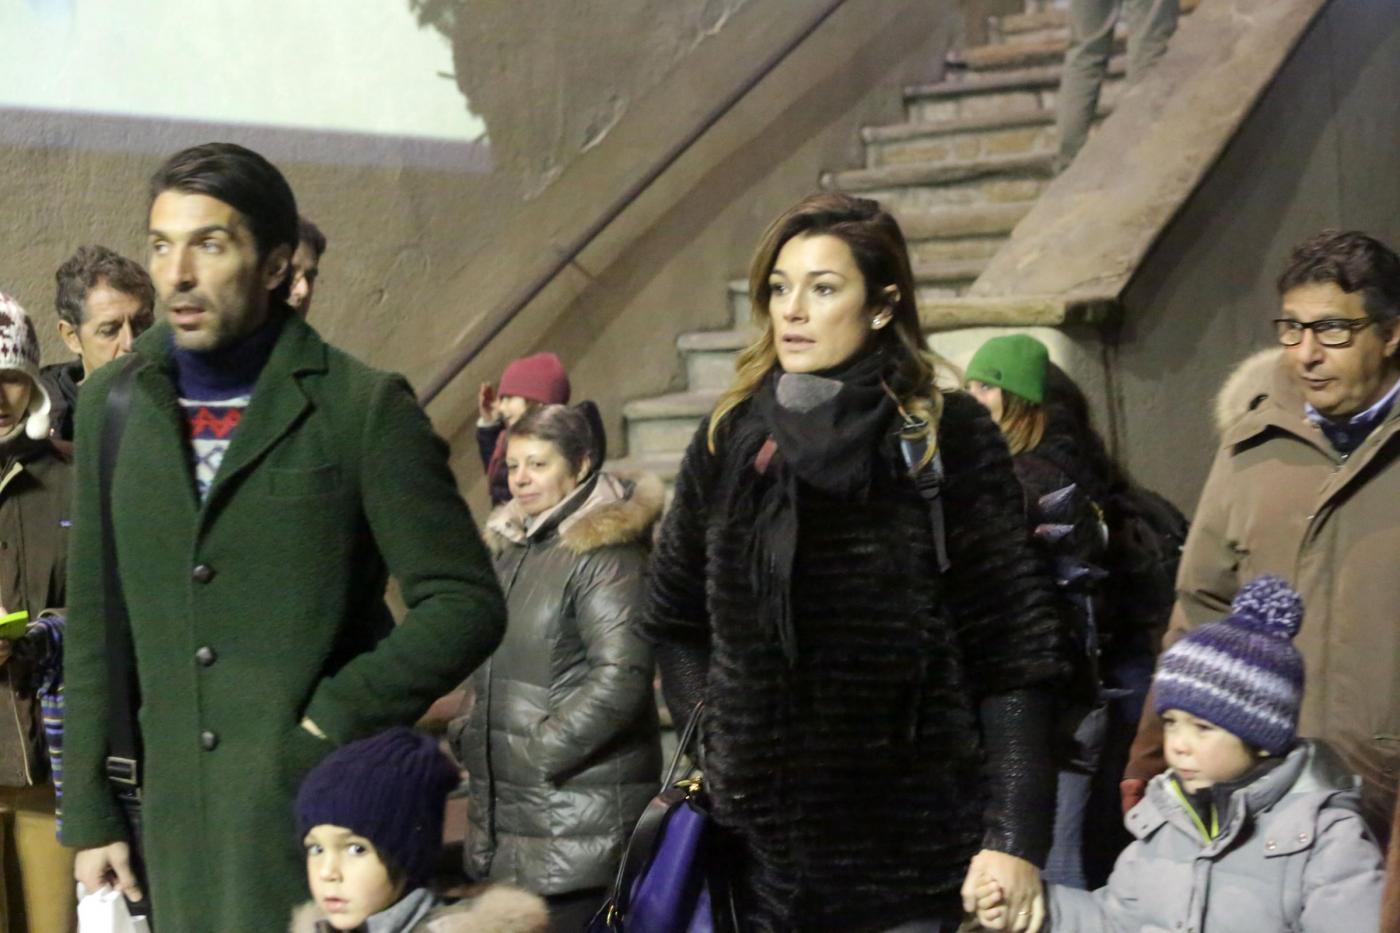 Gigi Buffon e Alena Seredova in crisi Macché, eccoli insieme a Courmayeur05